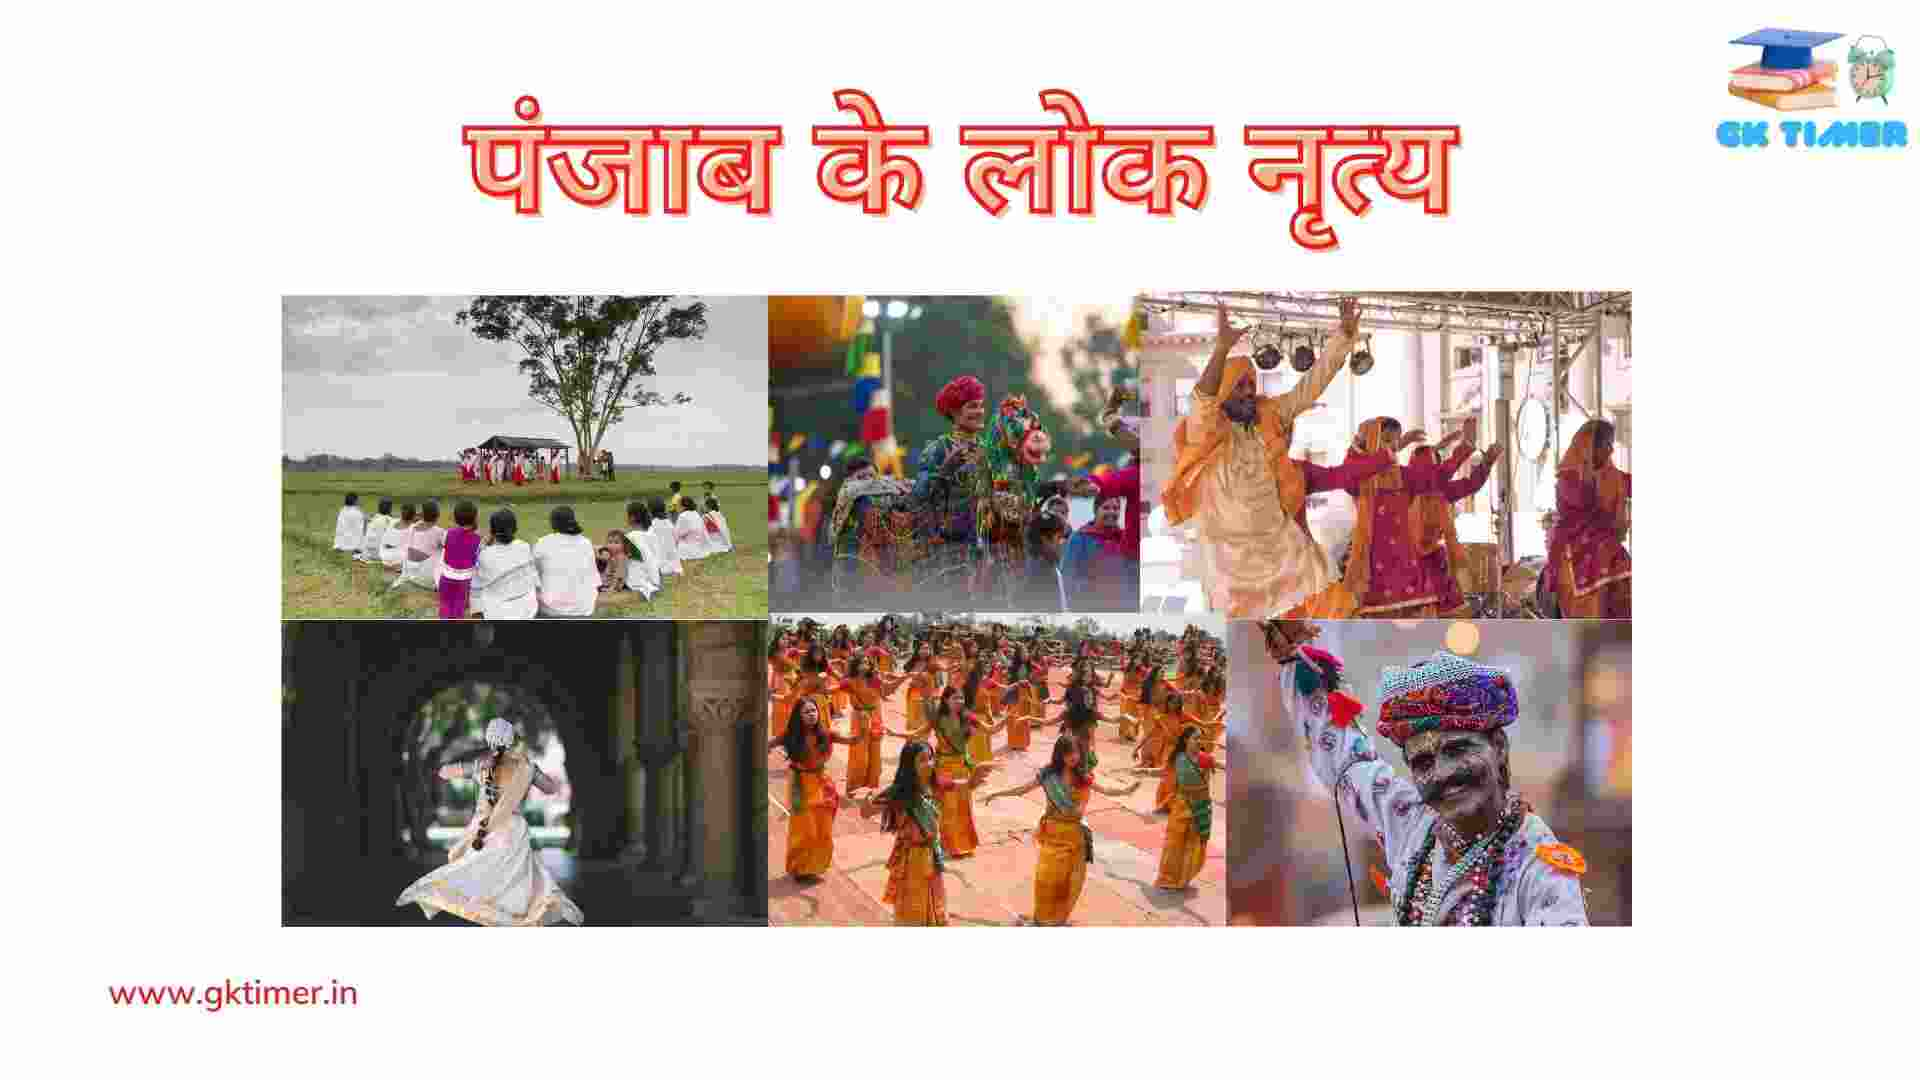 पंजाब के लोकप्रिय लोक नृत्य(भांगड़ा, गिद्दा, झुमर) | Traditional folk dances of  Punjab in Hindi